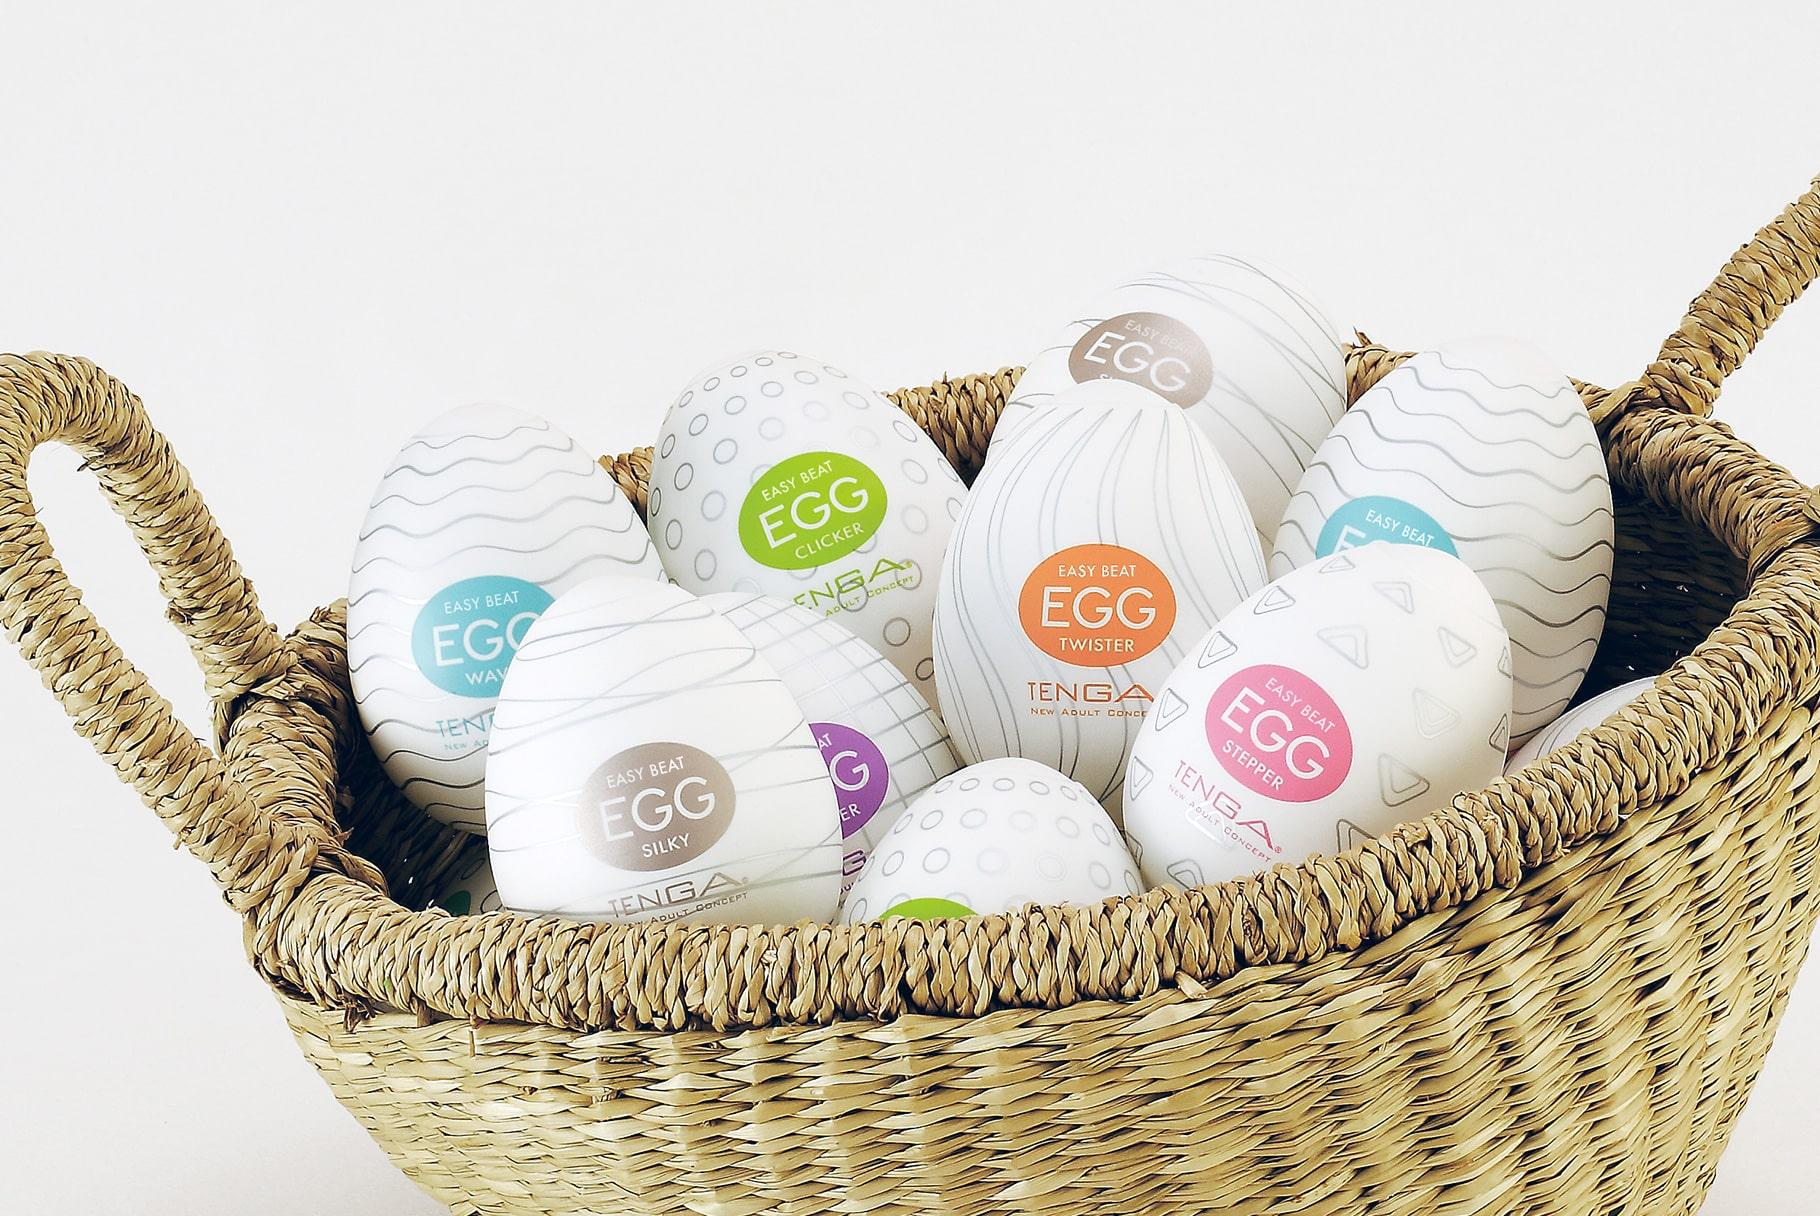 Tenga Egg zabawne masturbatory w kształcie jajek | Recenzja